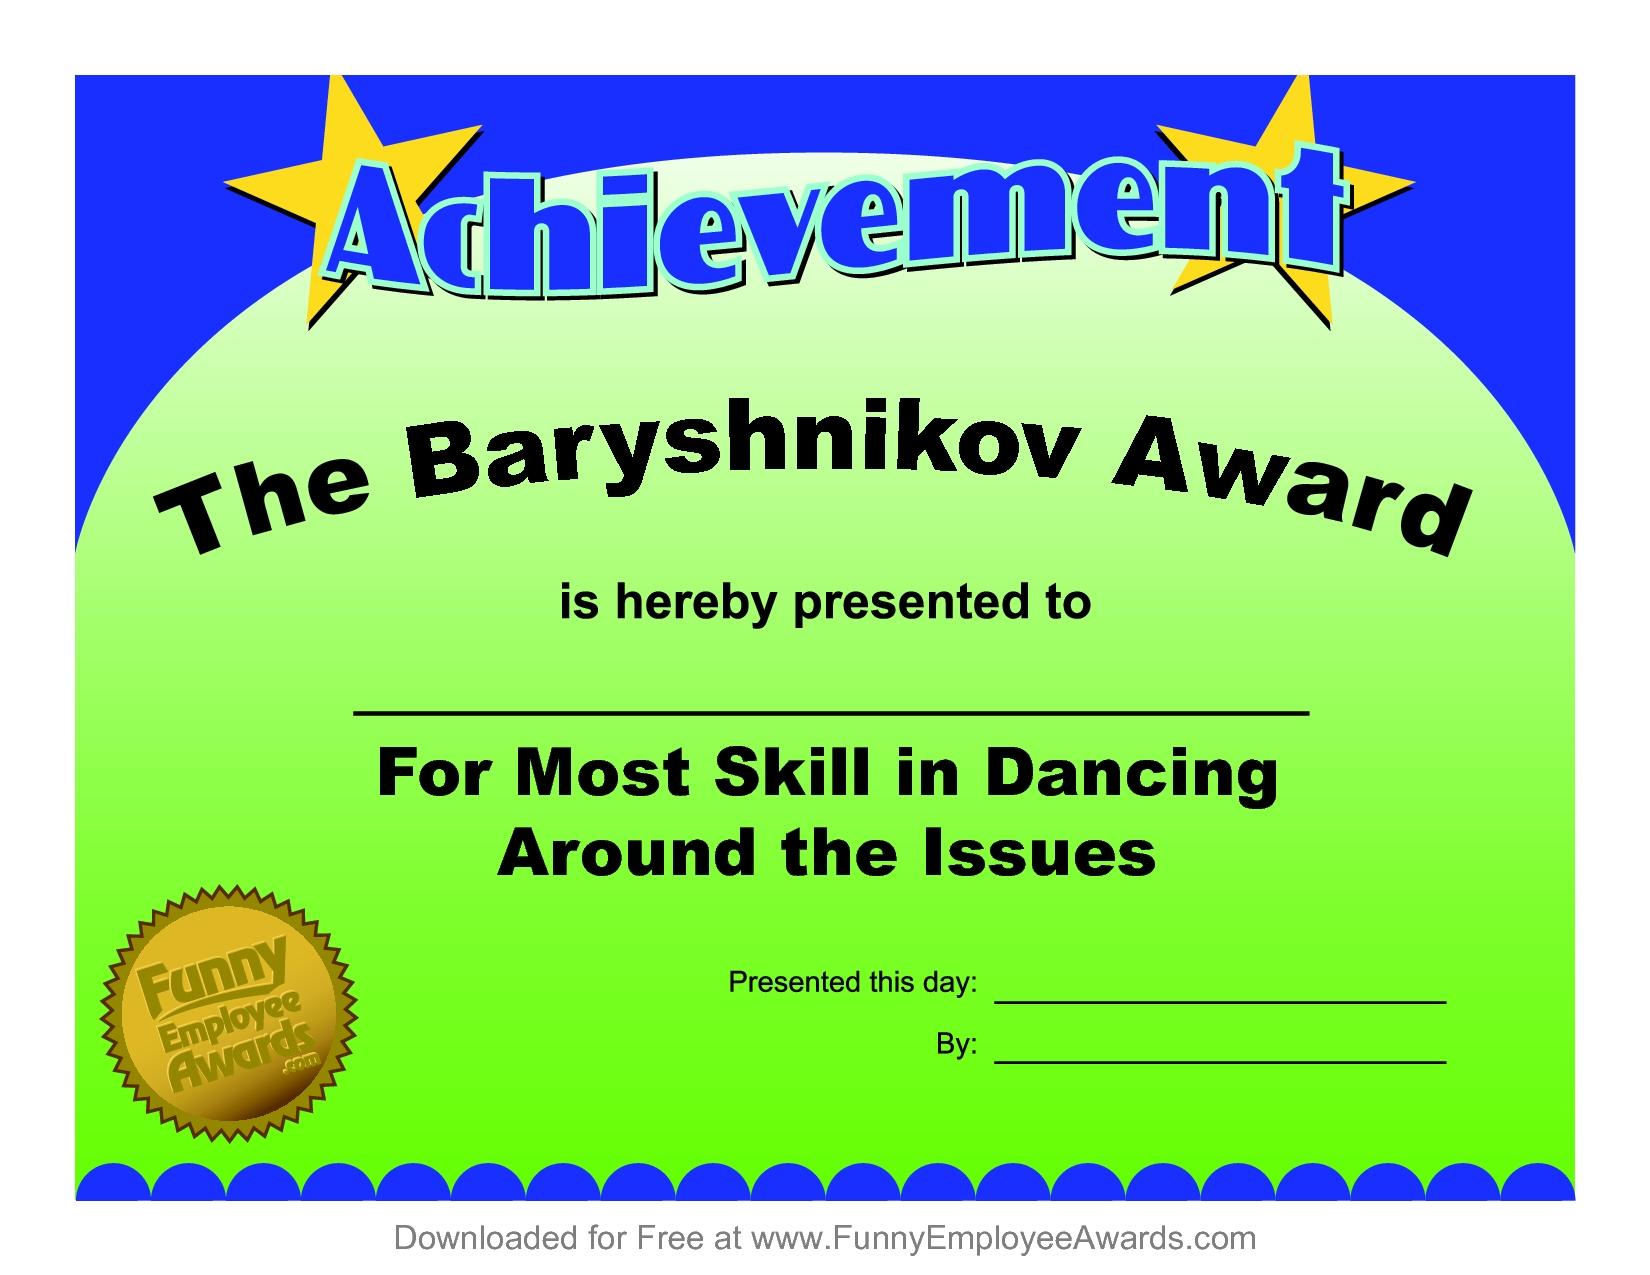 10 Perfect Funny Award Ideas For Employees certificates fun certificate from funny employee he bar yshnikov